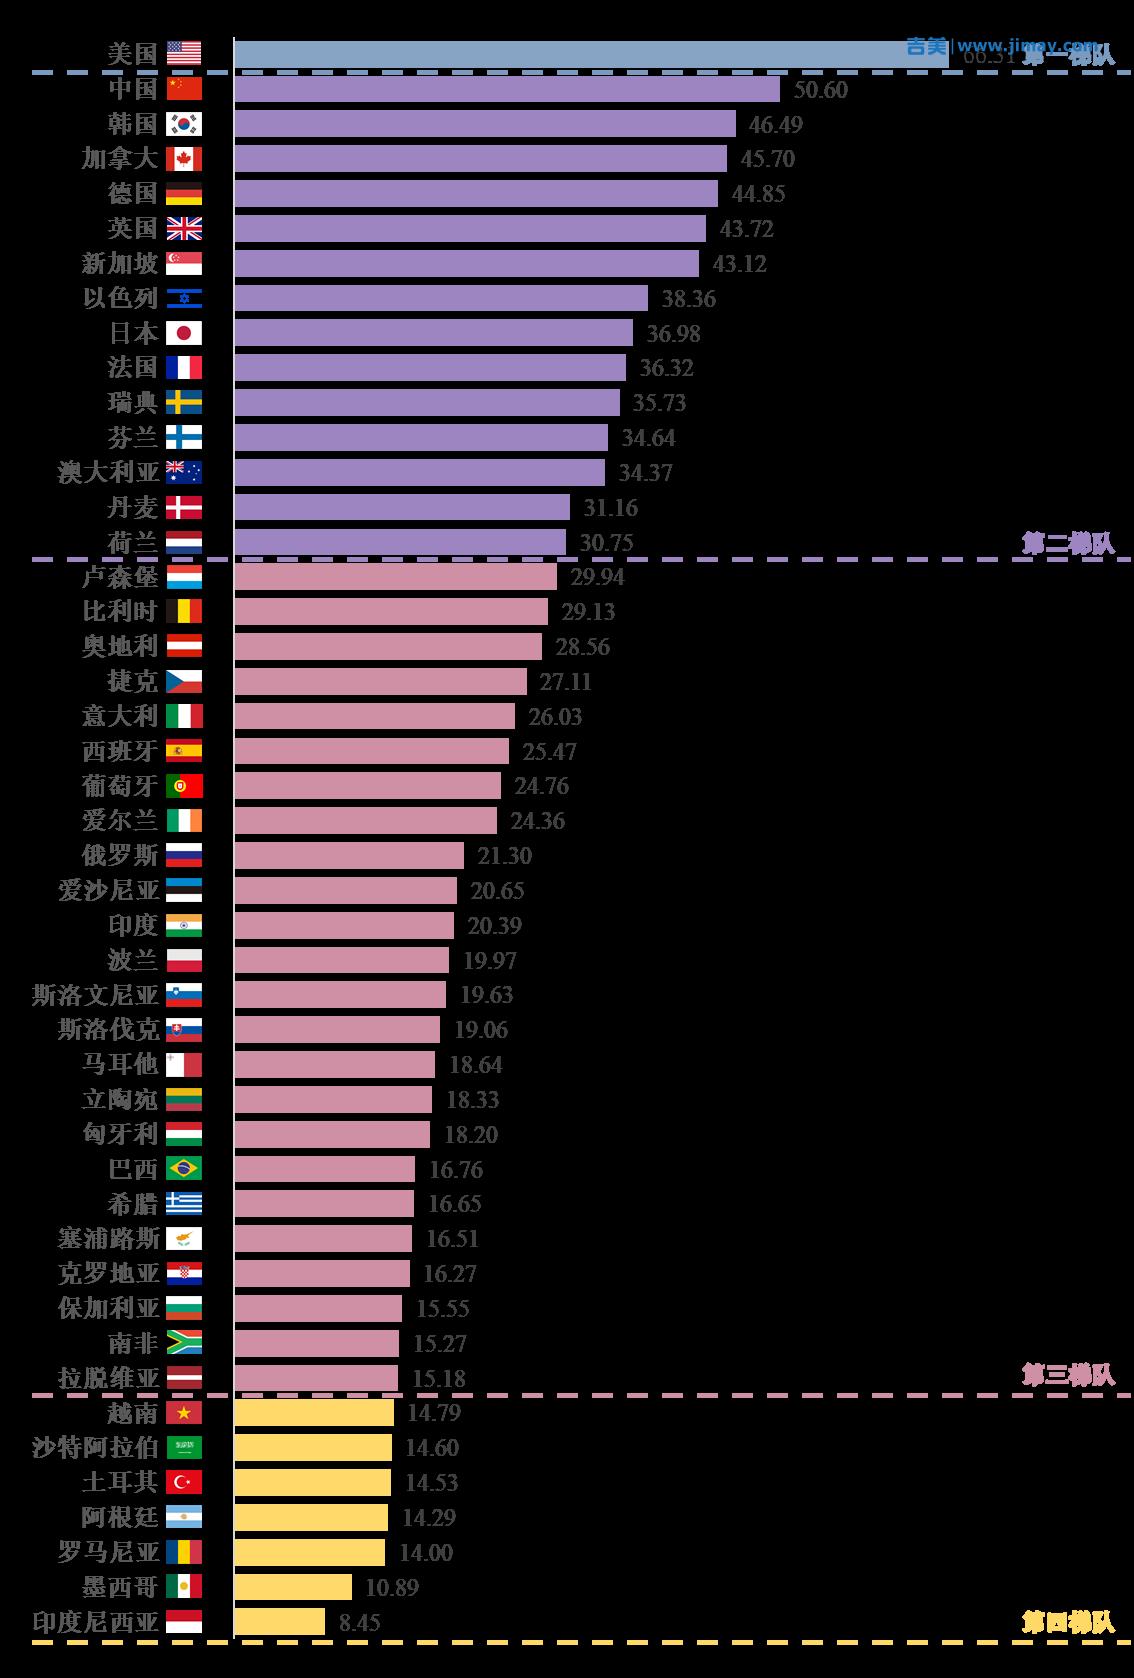 中国人工智能创新指数综合得分排名升至第2,仅次于美国。